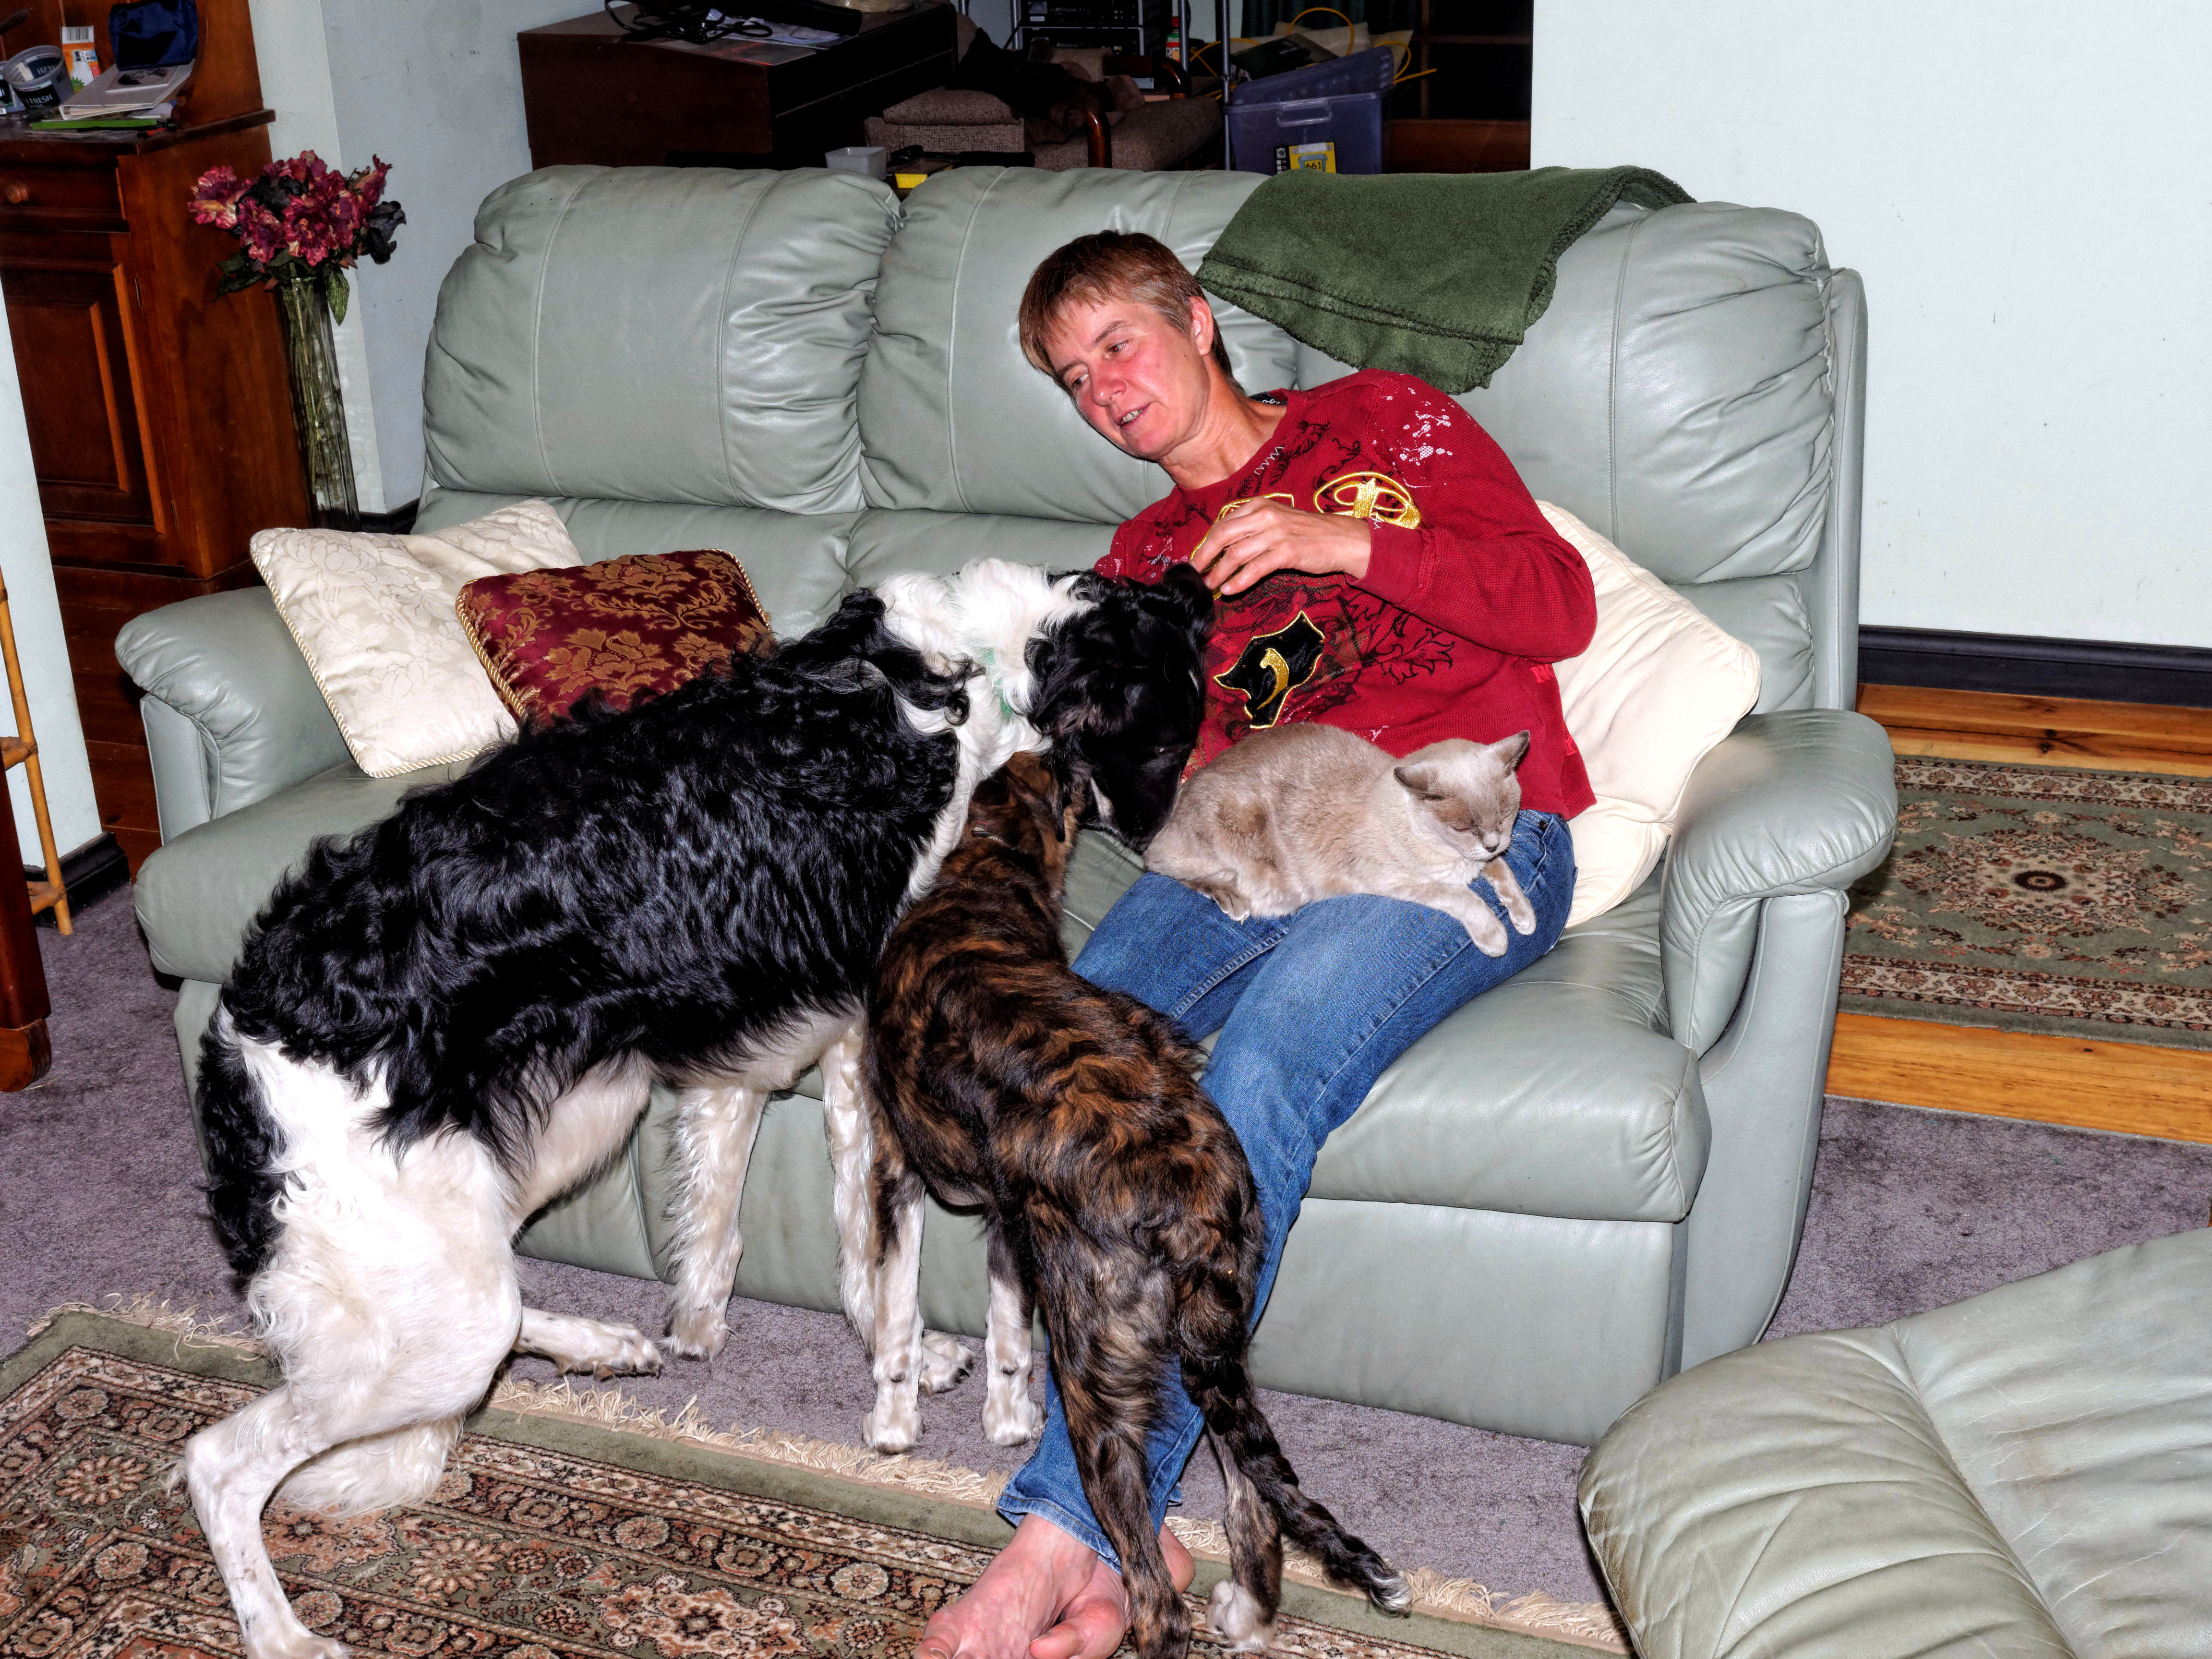 Chris-and-dogs-29.jpeg